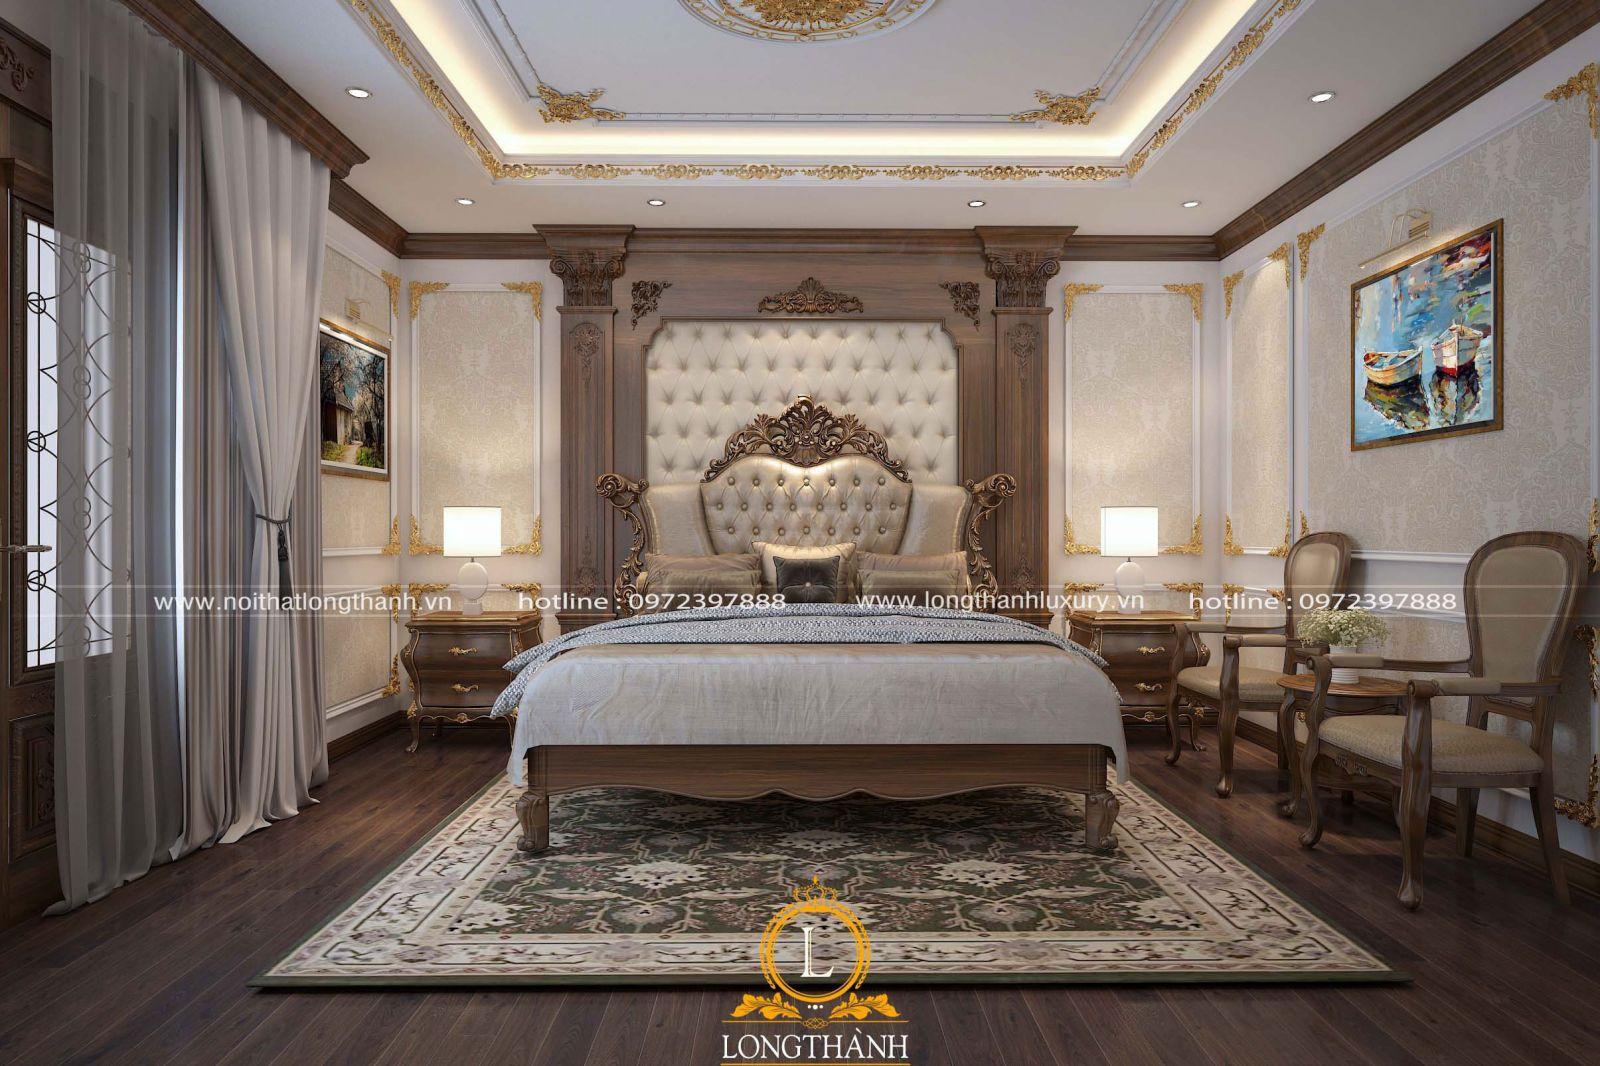 Phòng ngủ cao cấp màu tinh tế